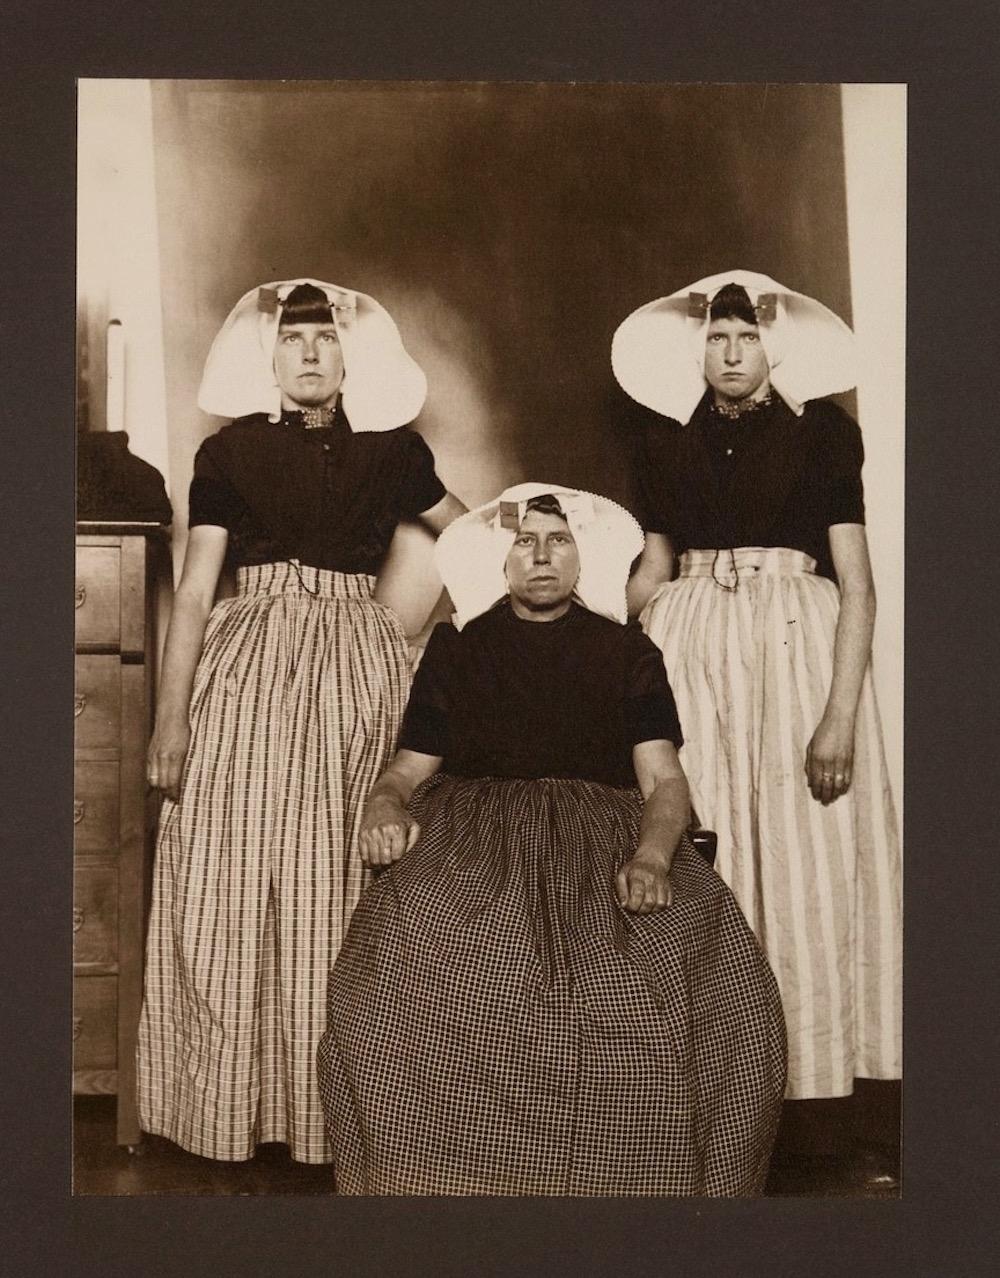 Ellis Island Immigrants14